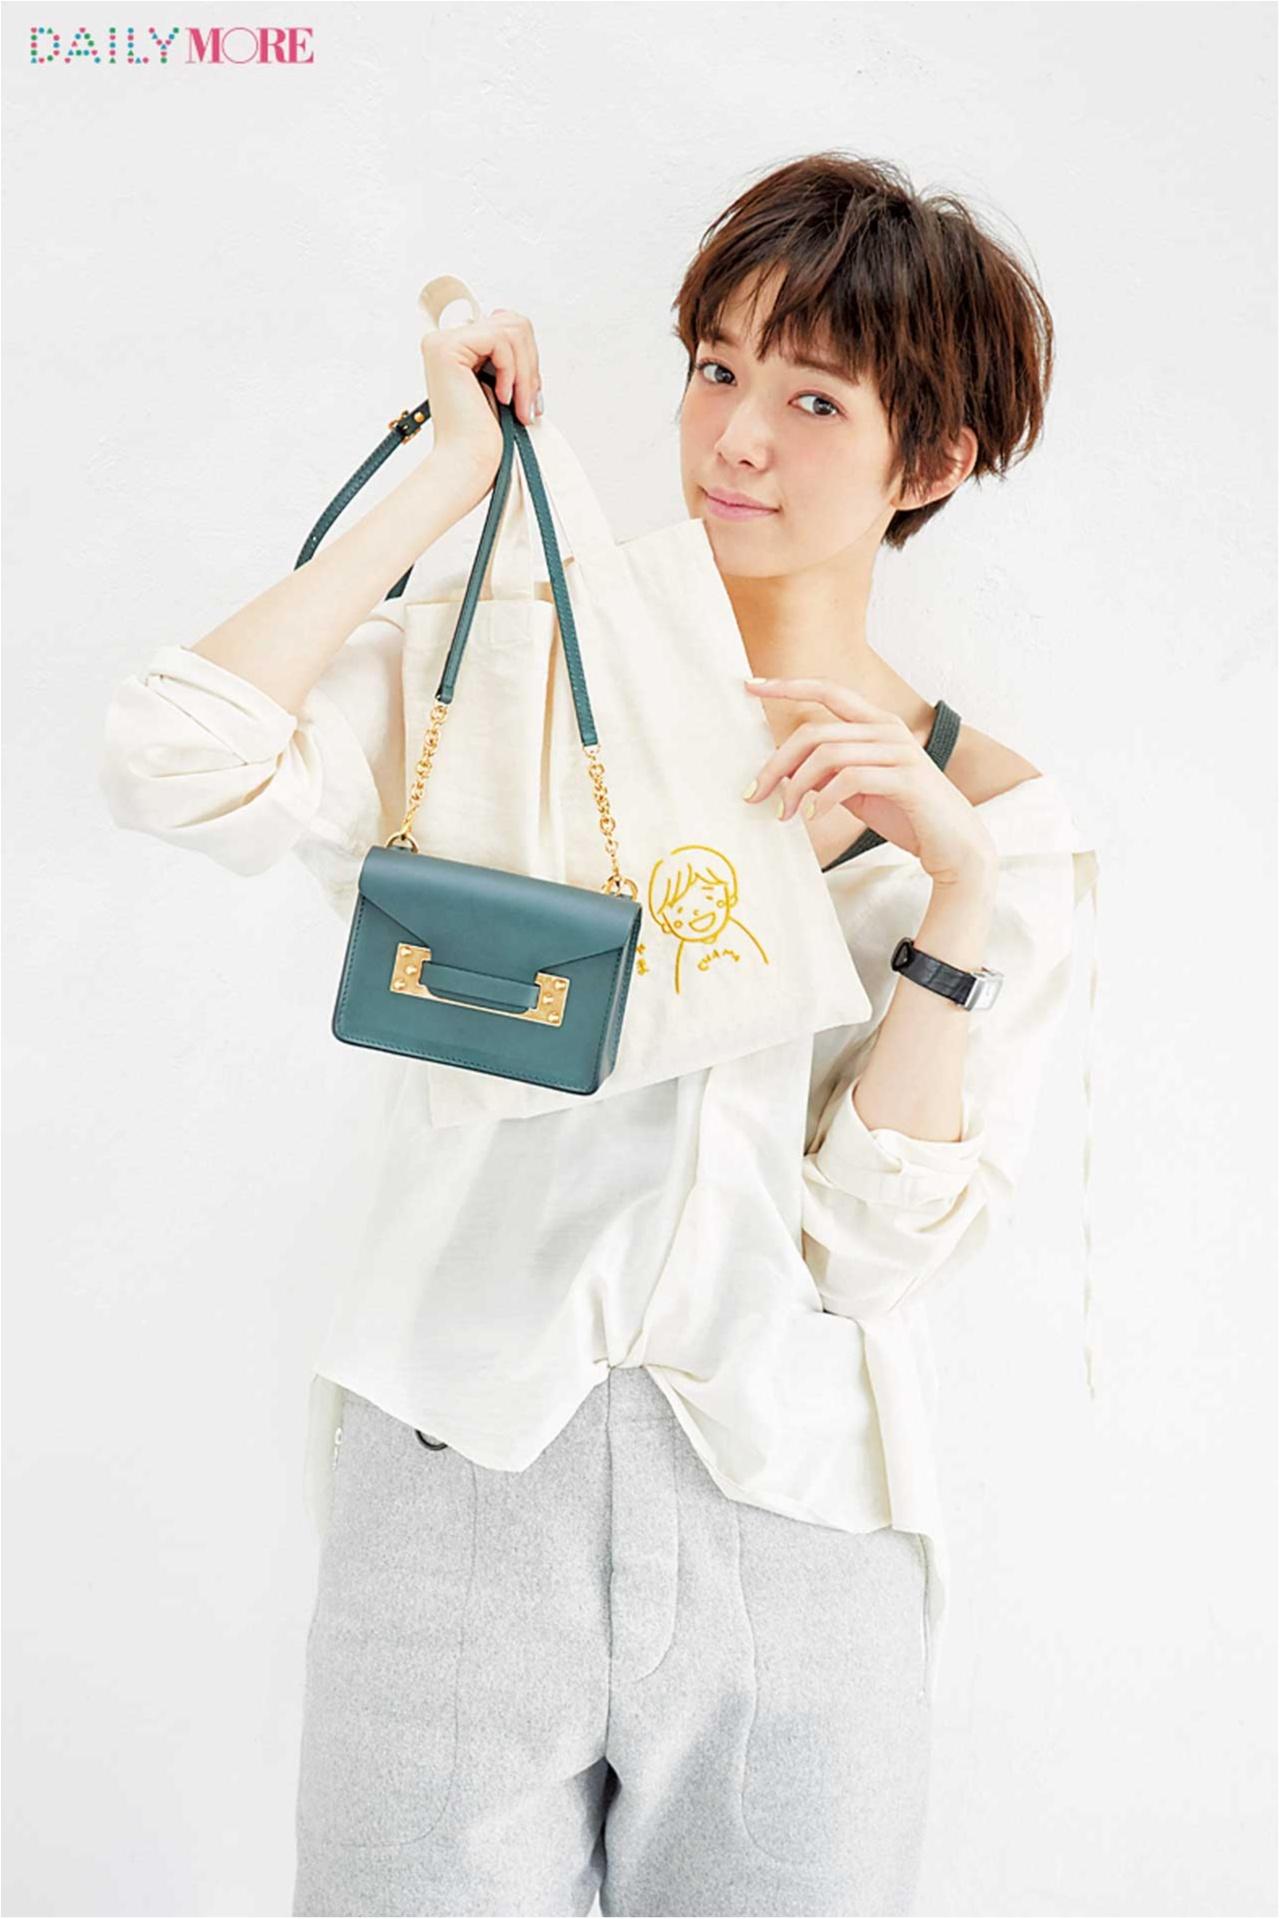 篠田麻里子、佐藤栞里、逢沢りなが私物大公開! おしゃれと美の秘訣が詰まったMOREモデルズのバッグの中身♡_1